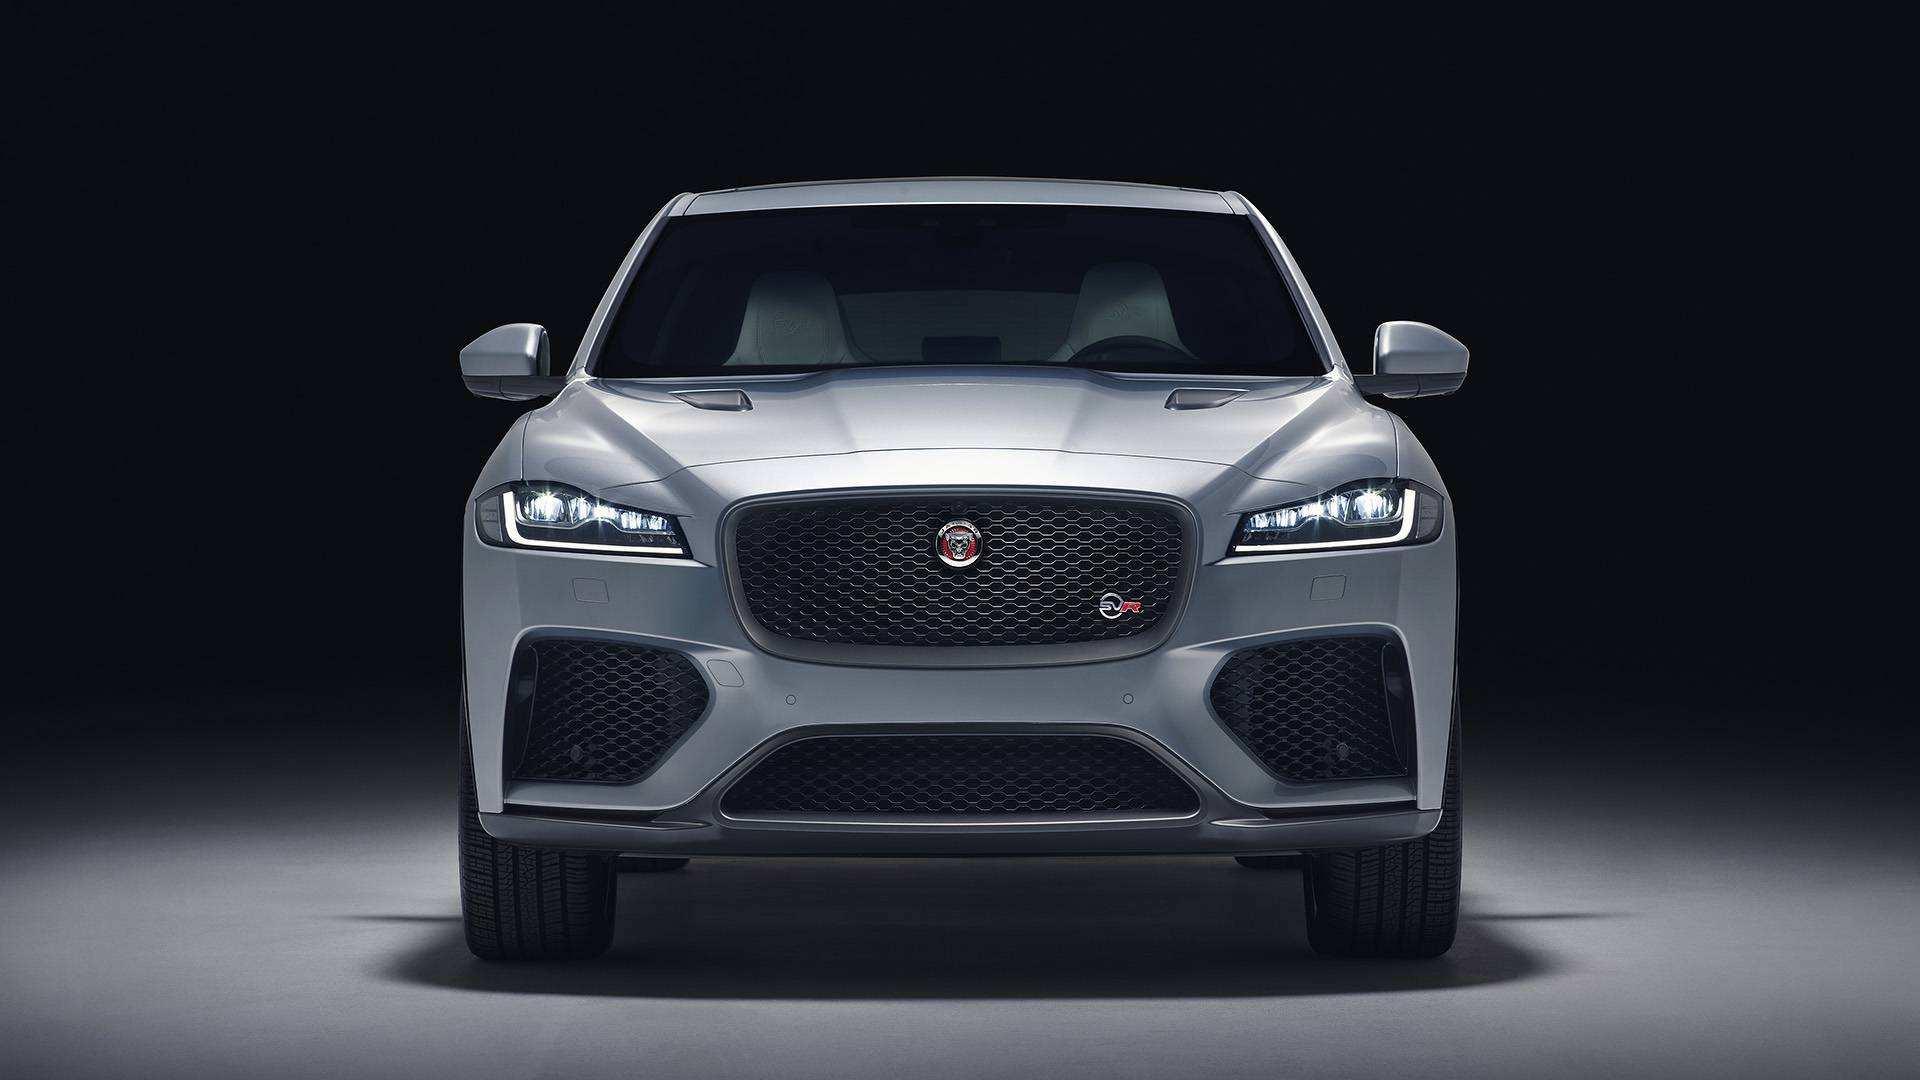 46 The Jaguar F Pace 2020 Style for Jaguar F Pace 2020